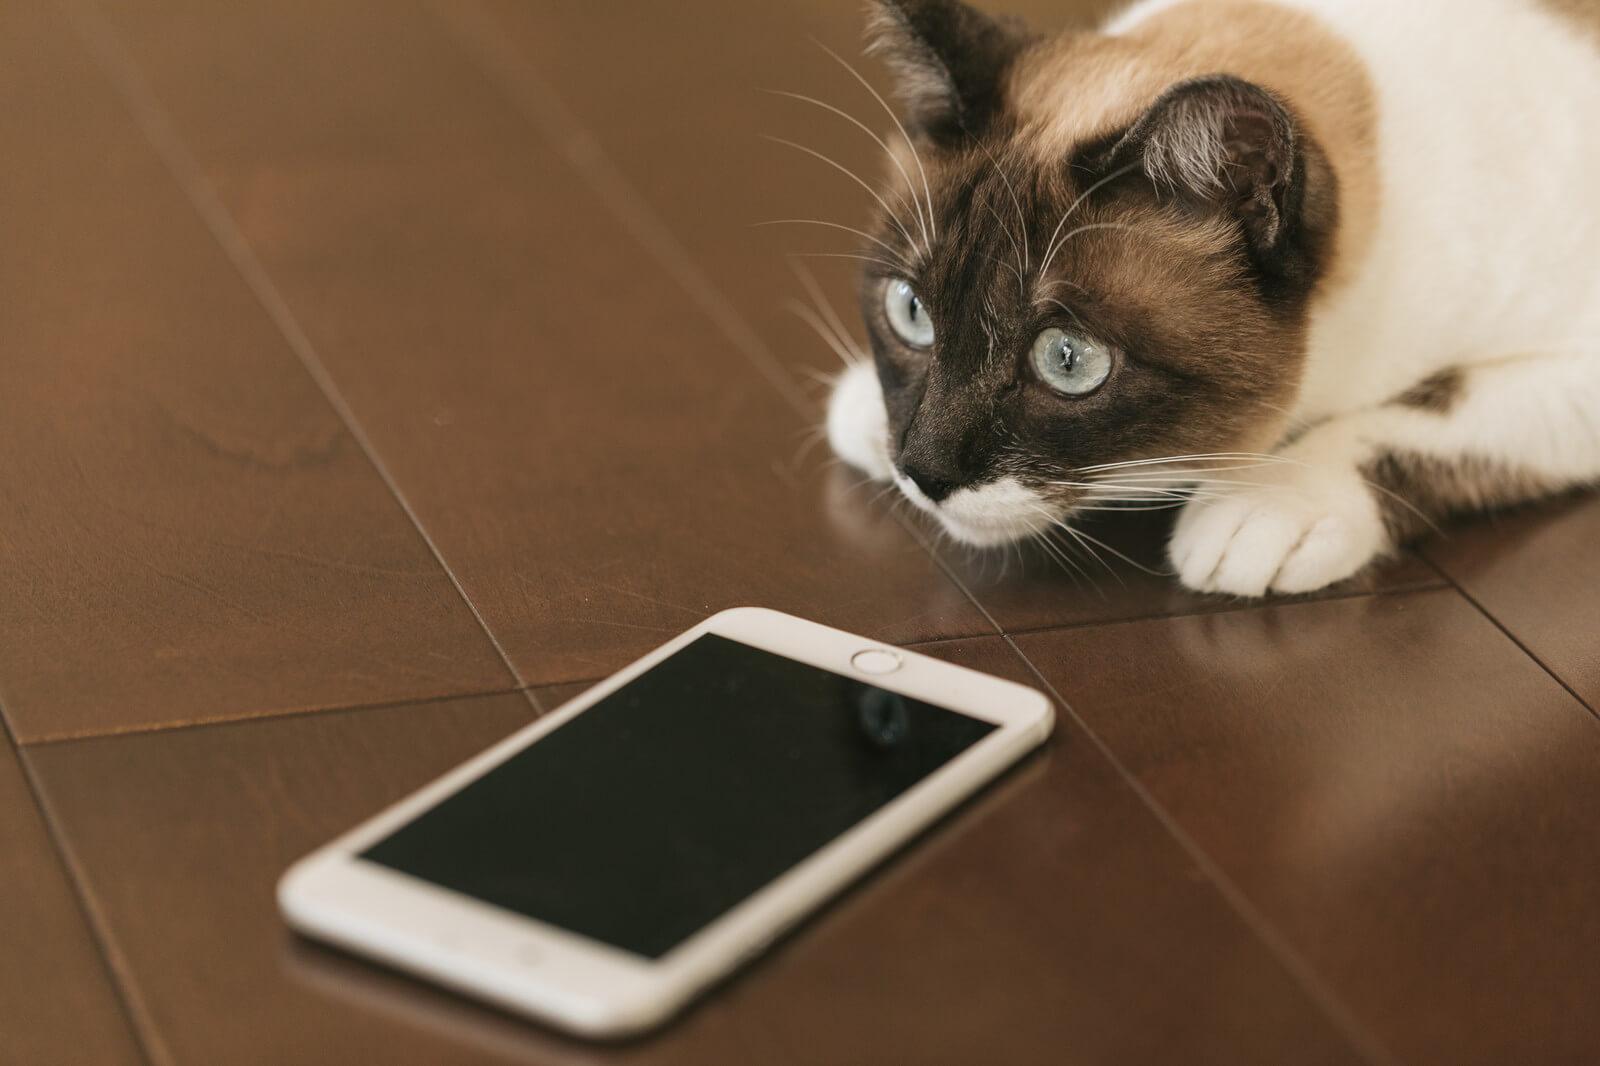 格安スマホデータ通信量の管理アプリを入れたスマホと猫